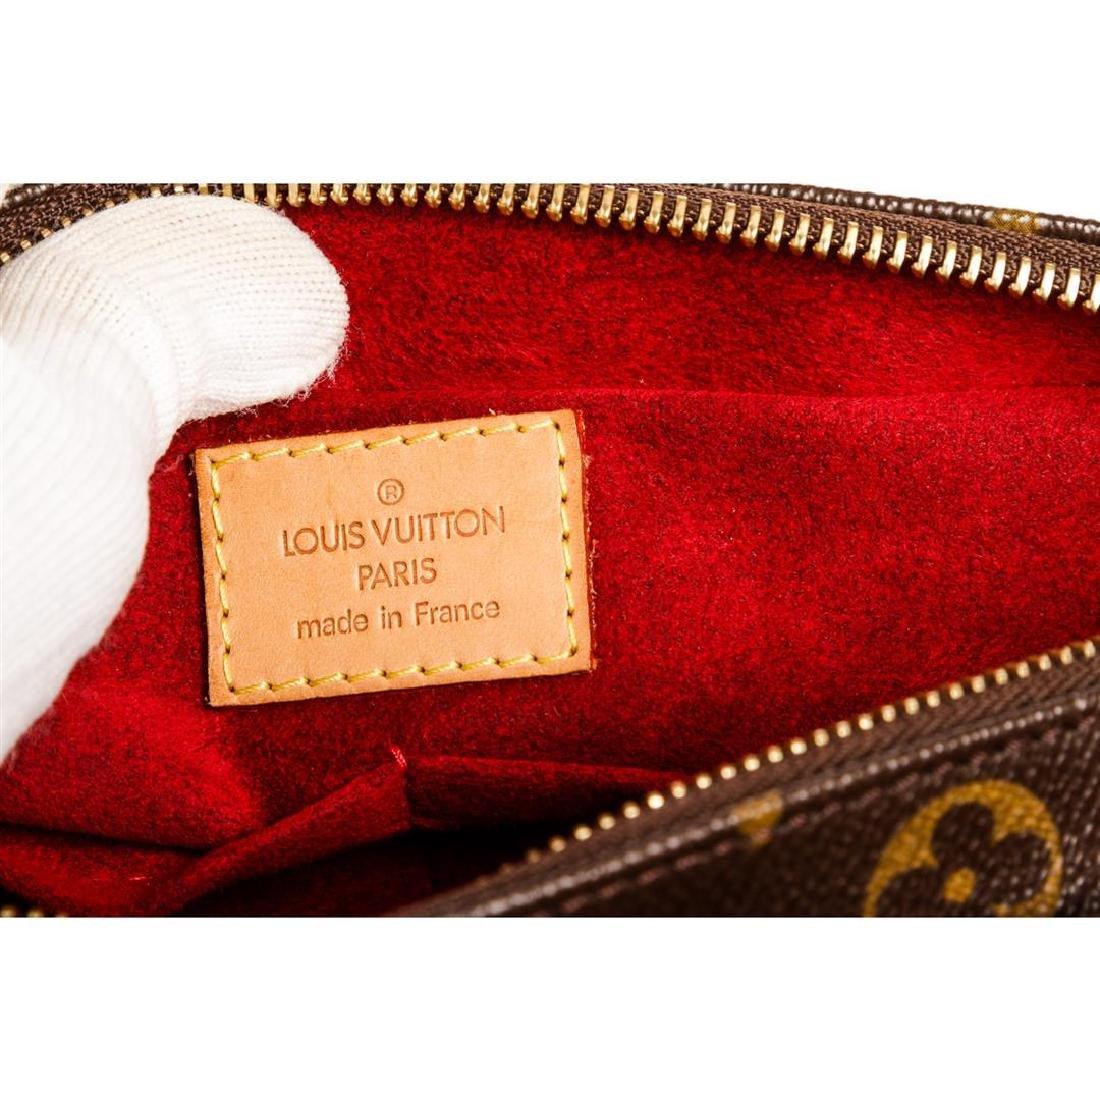 Louis Vuitton Monogram Canvas Leather Viva Cite MM Bag - 5